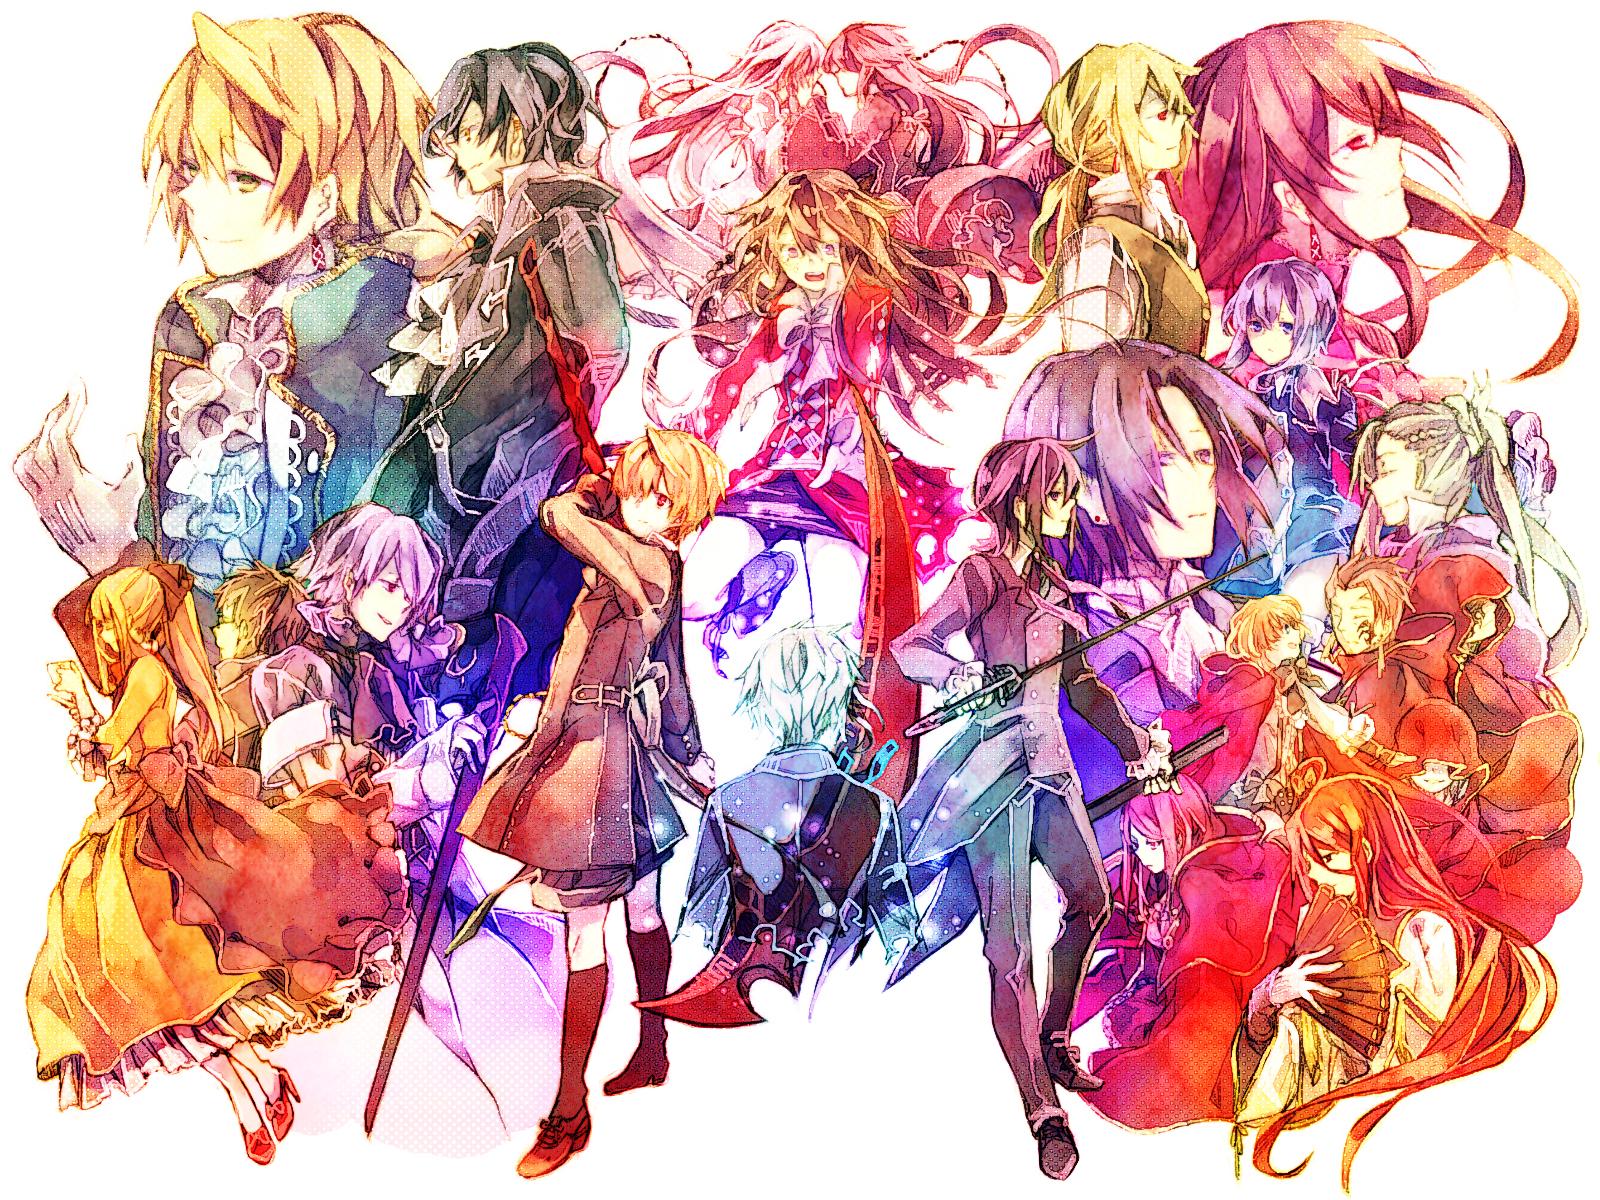 сердца пандоры все персонажи с картинками верхней части